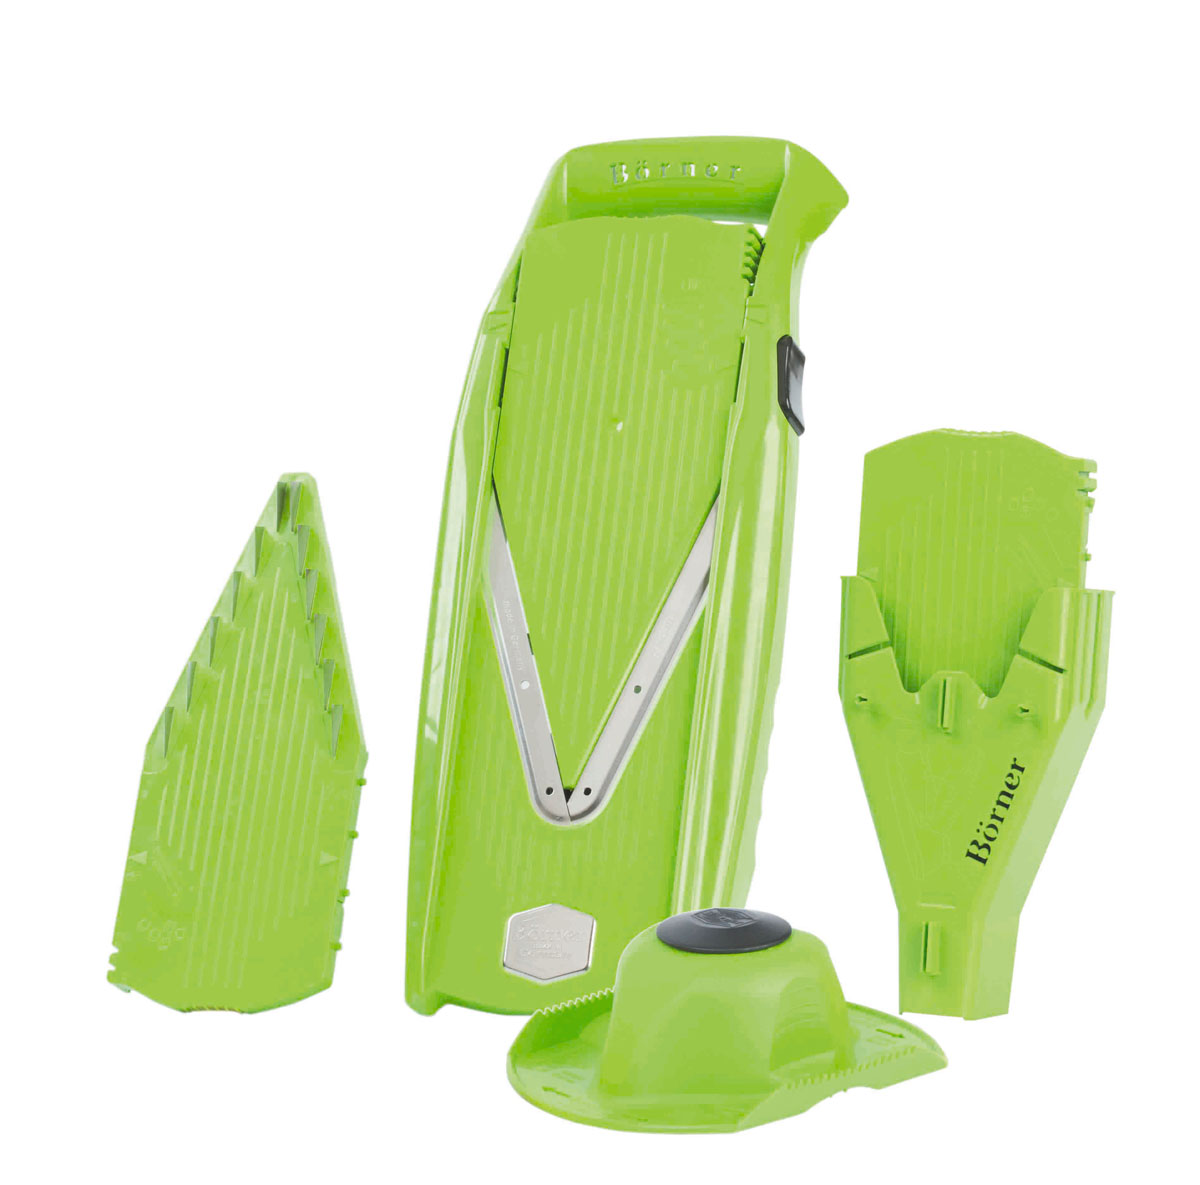 Овощерезка Borner Prima+, цвет: зеленый, 6 предметов3810099Овощерезка Borner Borner Prima+ всегда будет отличным и незаменимым помощником на вашей кухне. Она позволяет значительно сэкономить время и улучшить вкус и качество приготовленной пищи. Корпус овощерезки выполнен из ударопрочного ABS-пластика, а ножи из высококачественной нержавеющей стали.В комплект входит:- V-образная рама, в которую вставляют вставки; - Безопасный плододержатель;- Безножевая вставка; - Вставка с ножами 3,5 мм; - Вставка с ножами 7 мм;- Бокс для вставок.Бокс для вставок, идущий в комплекте к овощерезке Prima+, это удобное приспособление в двух аспектах: для хранения всех вставок, входящих в комплект, плюс он крепится на комплект так, что становится подставкой для него и плододержателя.В основную V-образную раму вставляются попеременно три разные вставки:- Плоская (безножевая), на которой режутся 4 толщины колечек и пластинок. Кроме того, ее же можно поставить в положение блок и закрыть этой вставкой наглухо лезвия на основной раме во время ее хранения. Изменение толщины нарезки на вставке происходит путем легкого нажатия со смещением, а обратно - нажатием на боковую кнопку на корпусе;- Вставка с ножами 7 мм. В двух положениях дает соломку, брусочки, кубики и прочее толщиной 7 мм в одном положении и 3,5 мм во втором положении;- Вставка с ножами 3,5 мм. В двух положениях дает соломку, брусочки, кубики и прочее толщиной 3,5 мм в одном положении и 1,8 мм во втором положении. Передвижение вставок осуществляется с помощью боковой кнопки.